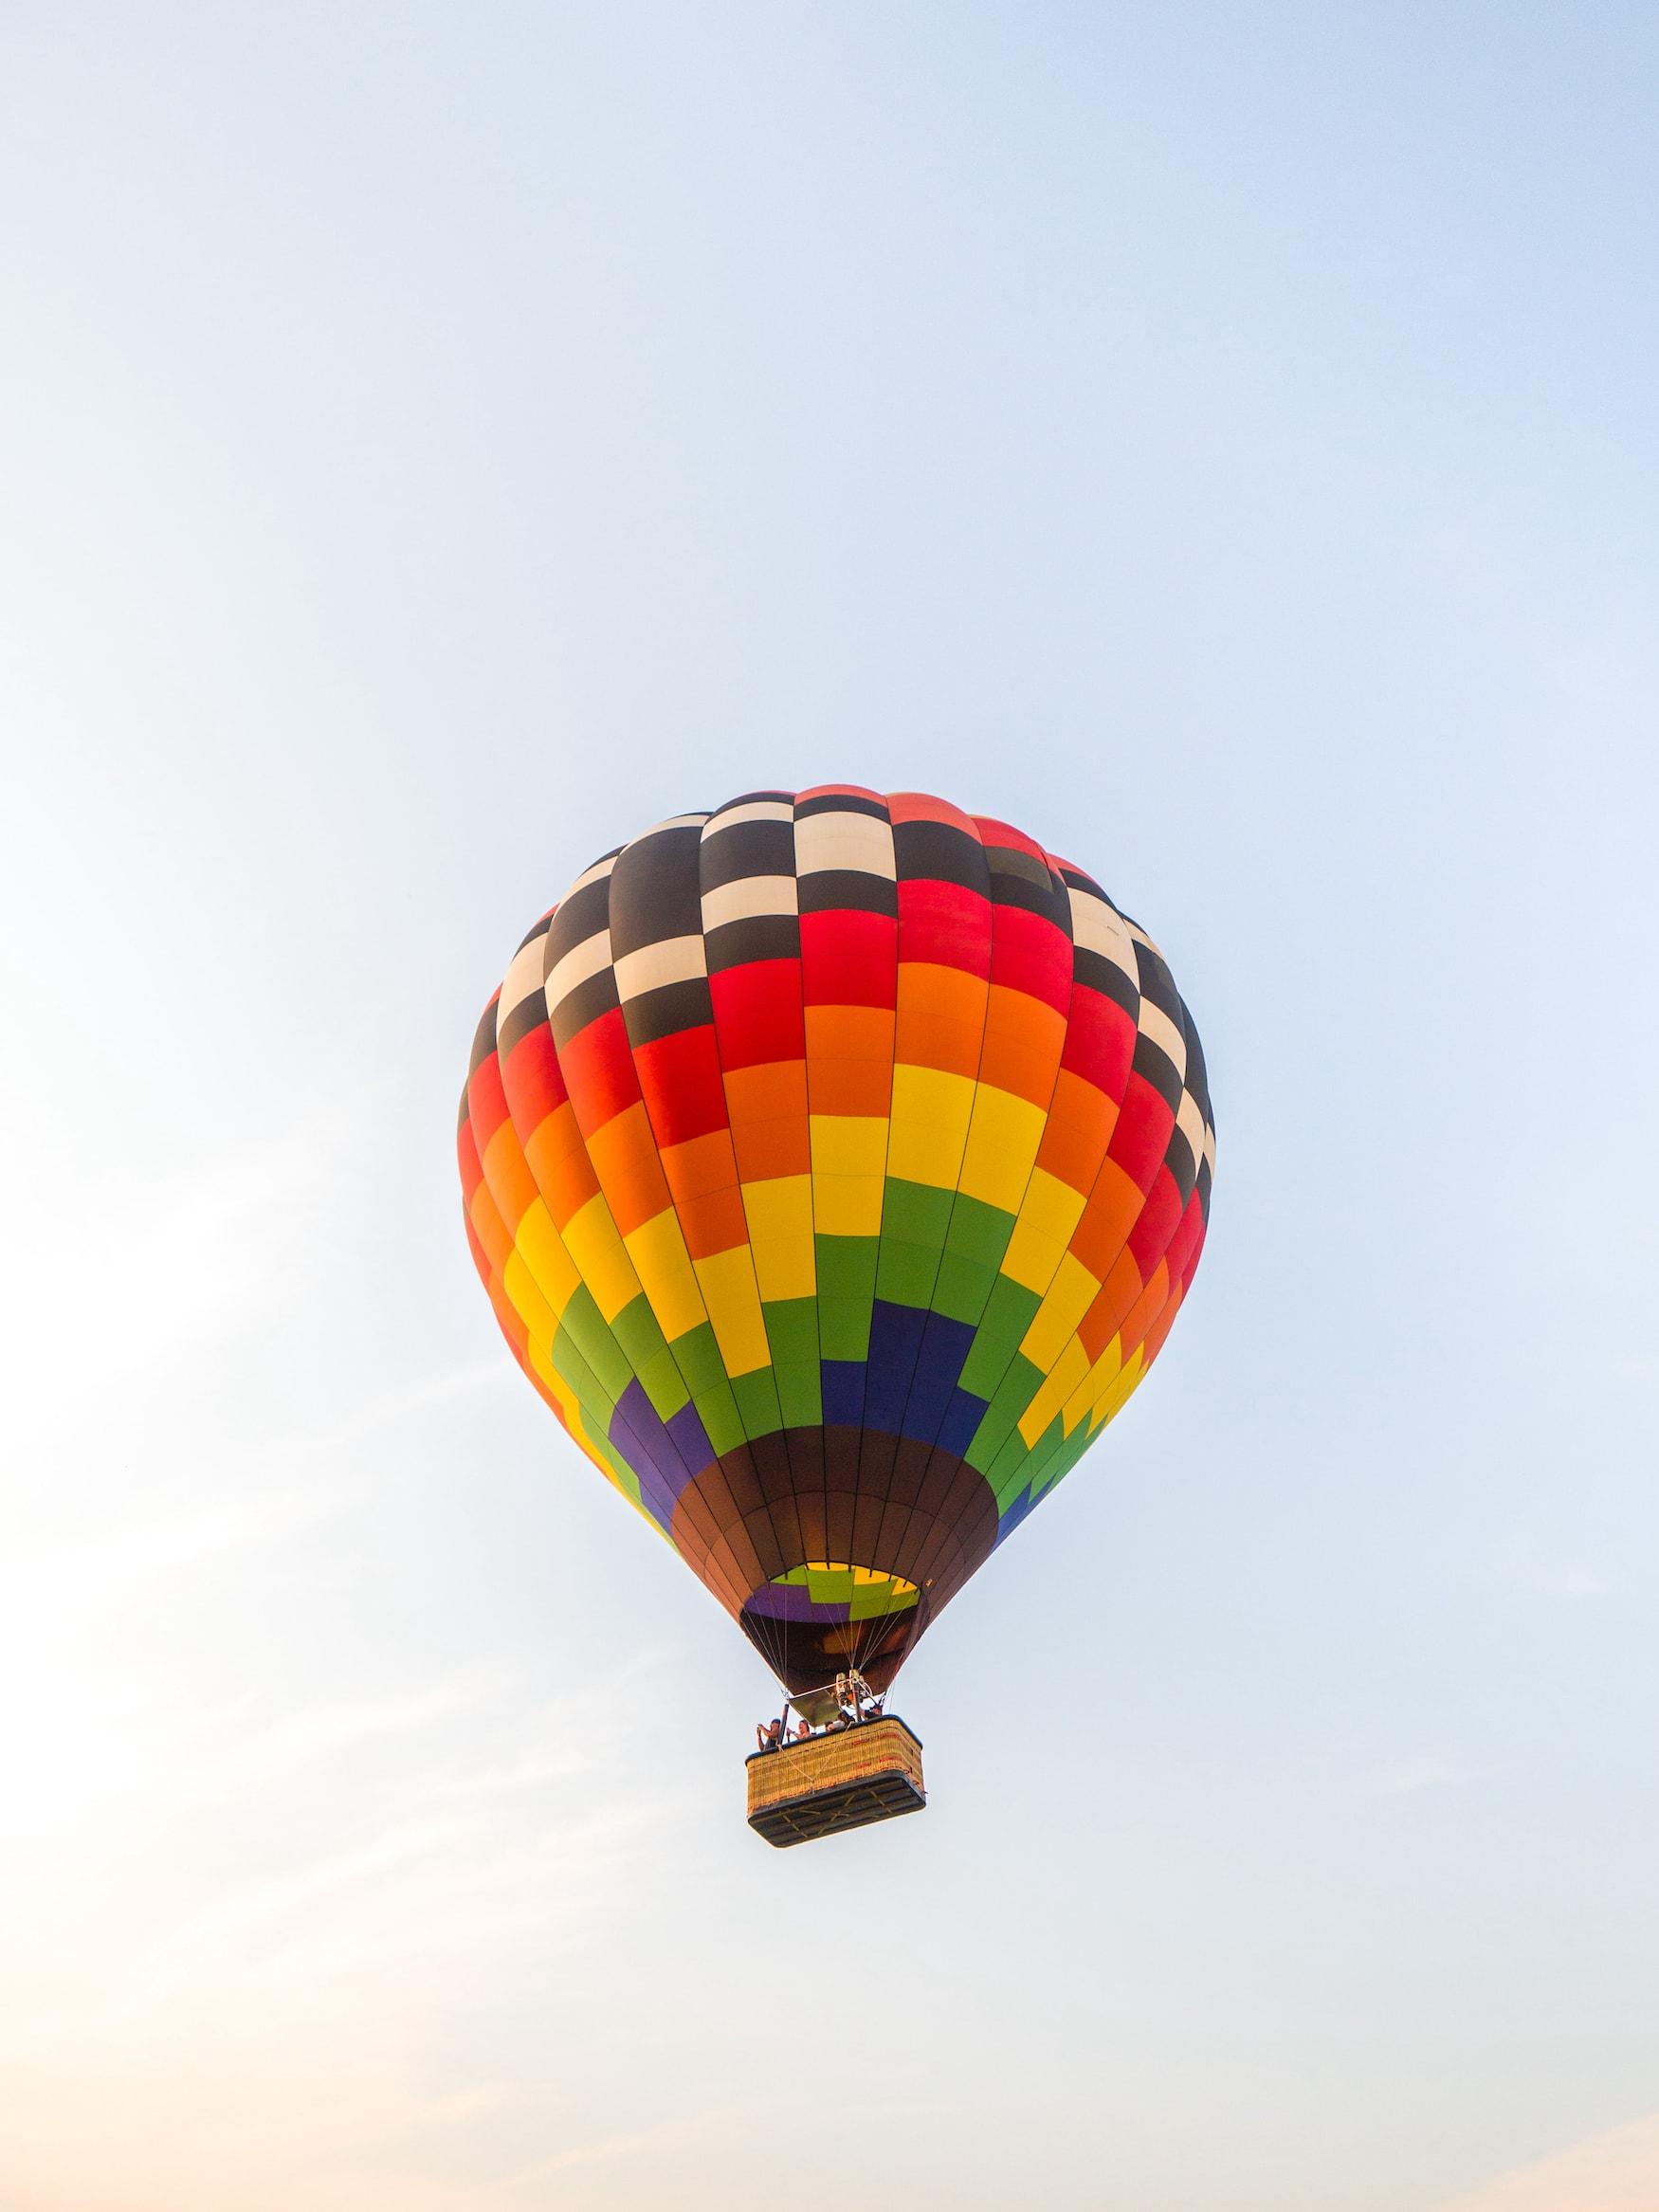 Heißluftballon über Galena in Illinois